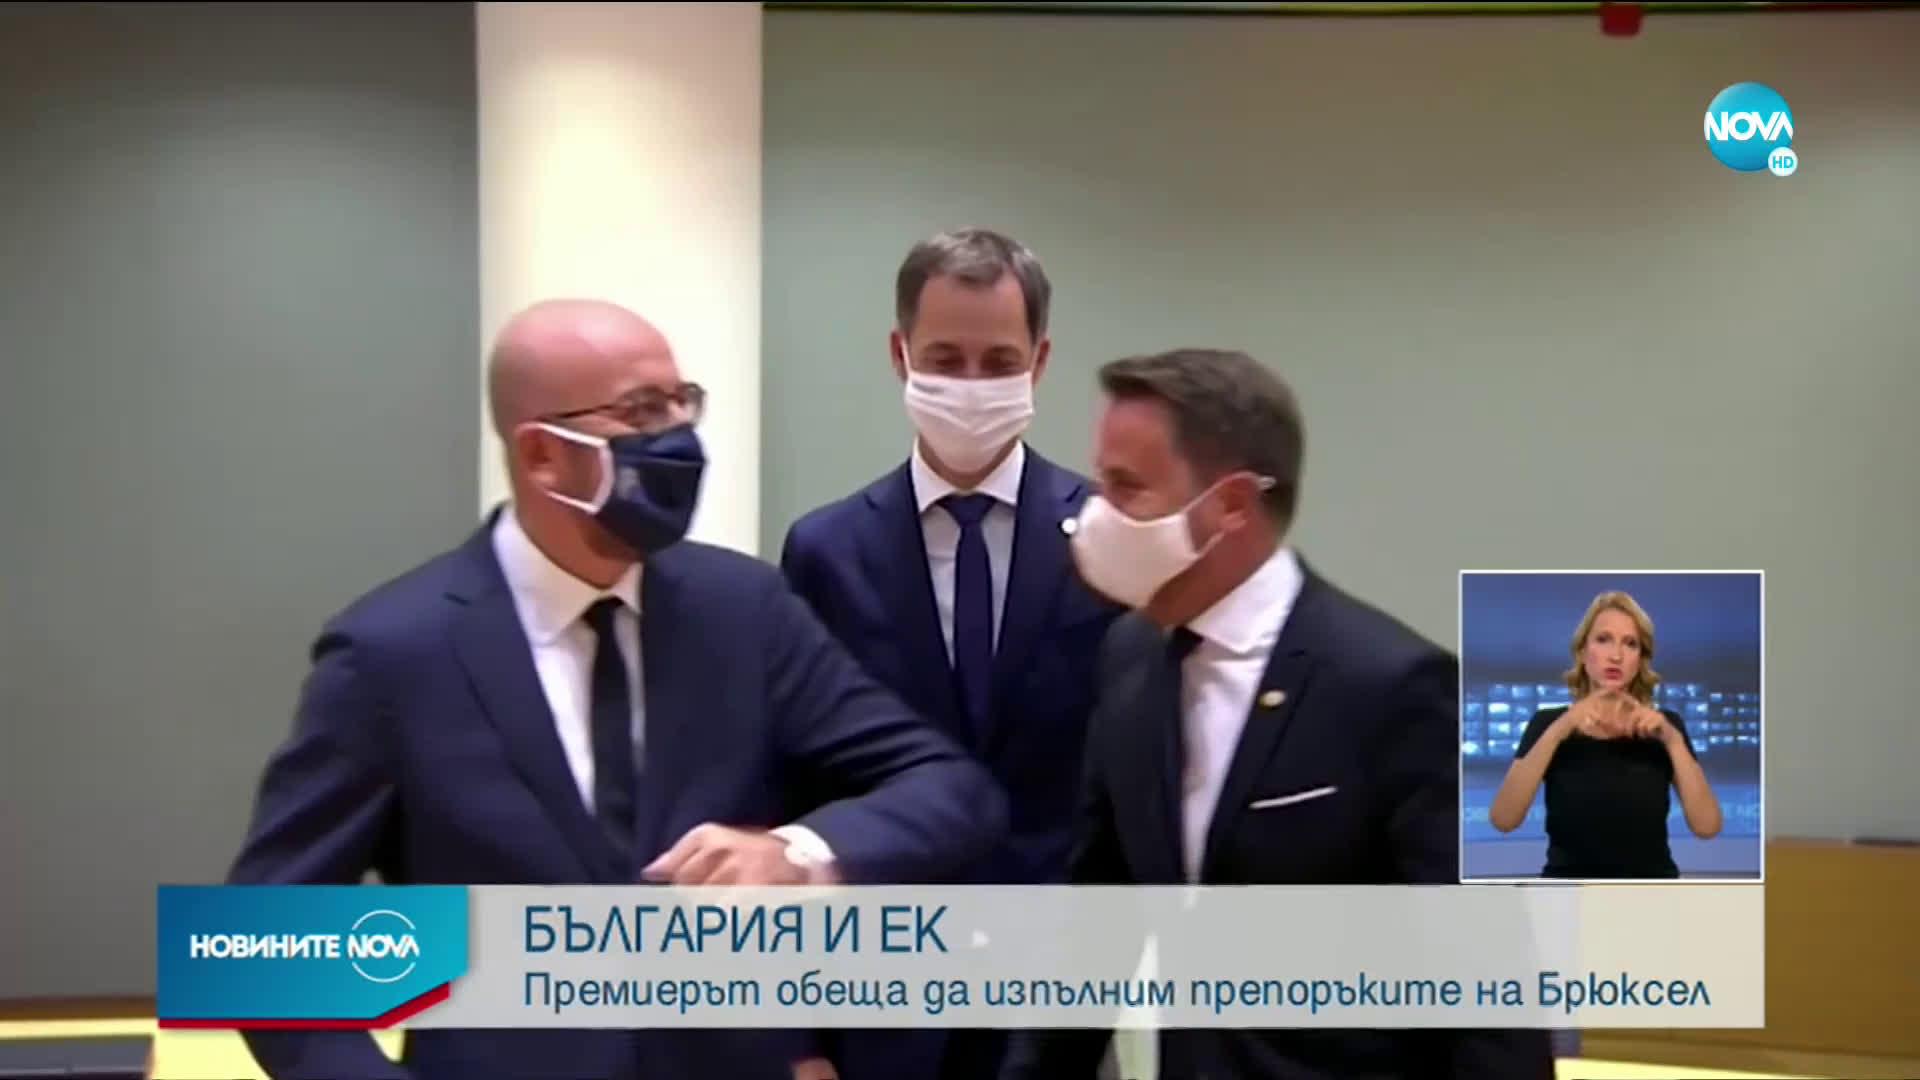 Българското правителството ще се съобрази с препоръките в доклада на ЕК